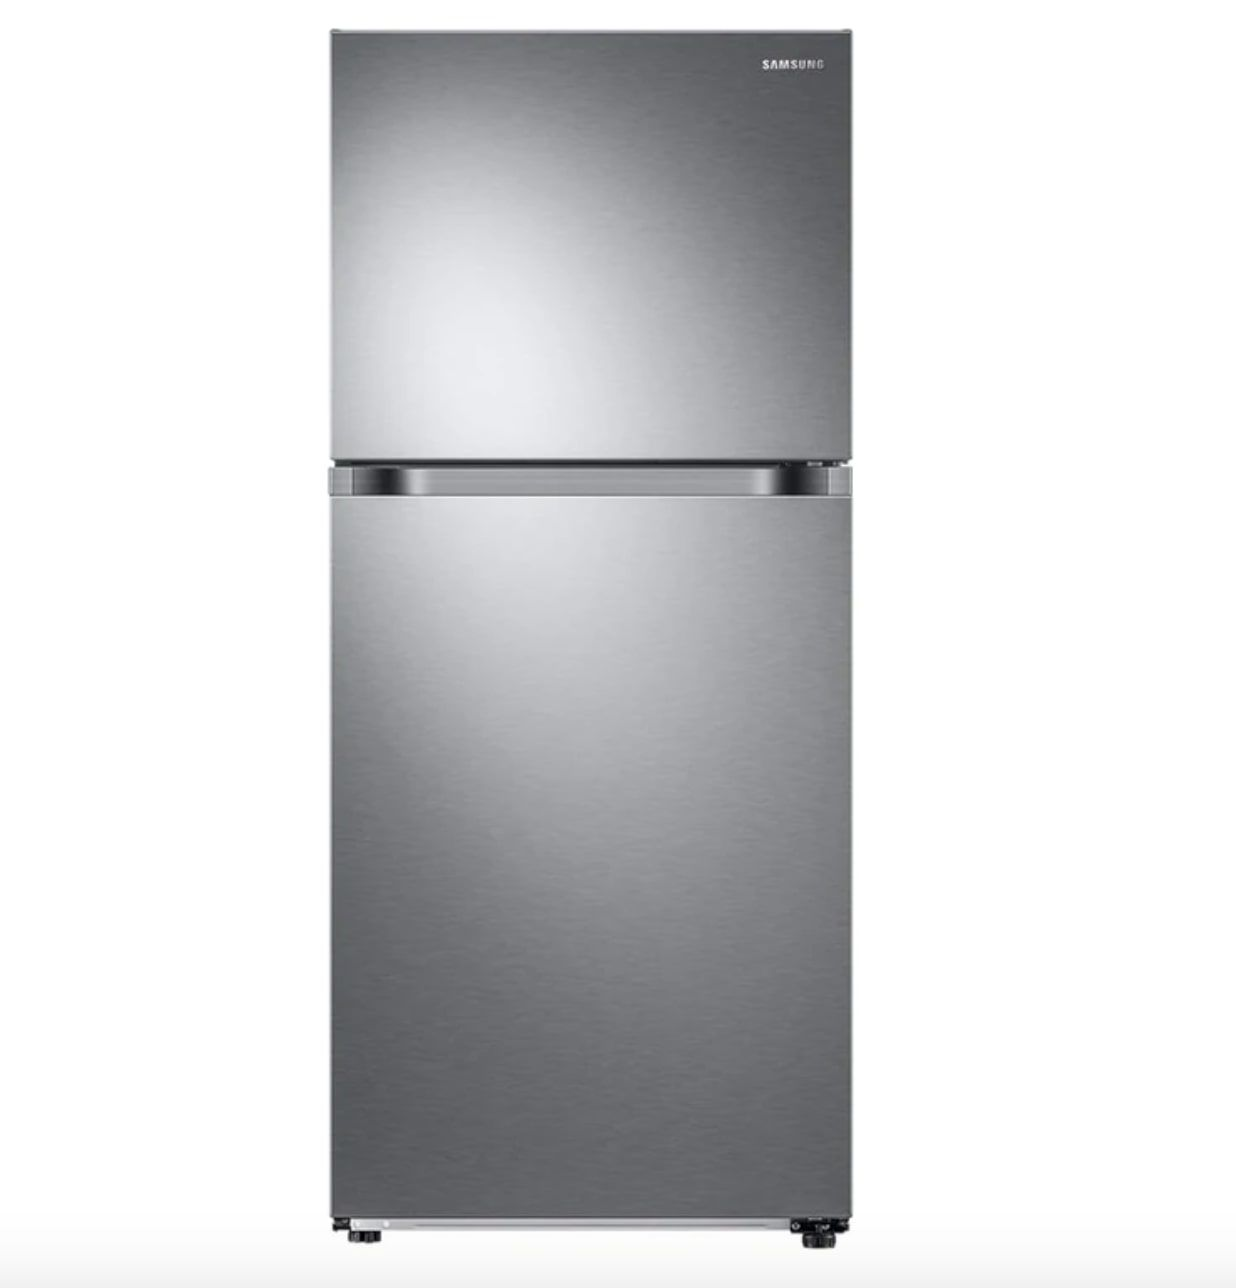 samsung-flexzone-stainless-steel-refrigerator